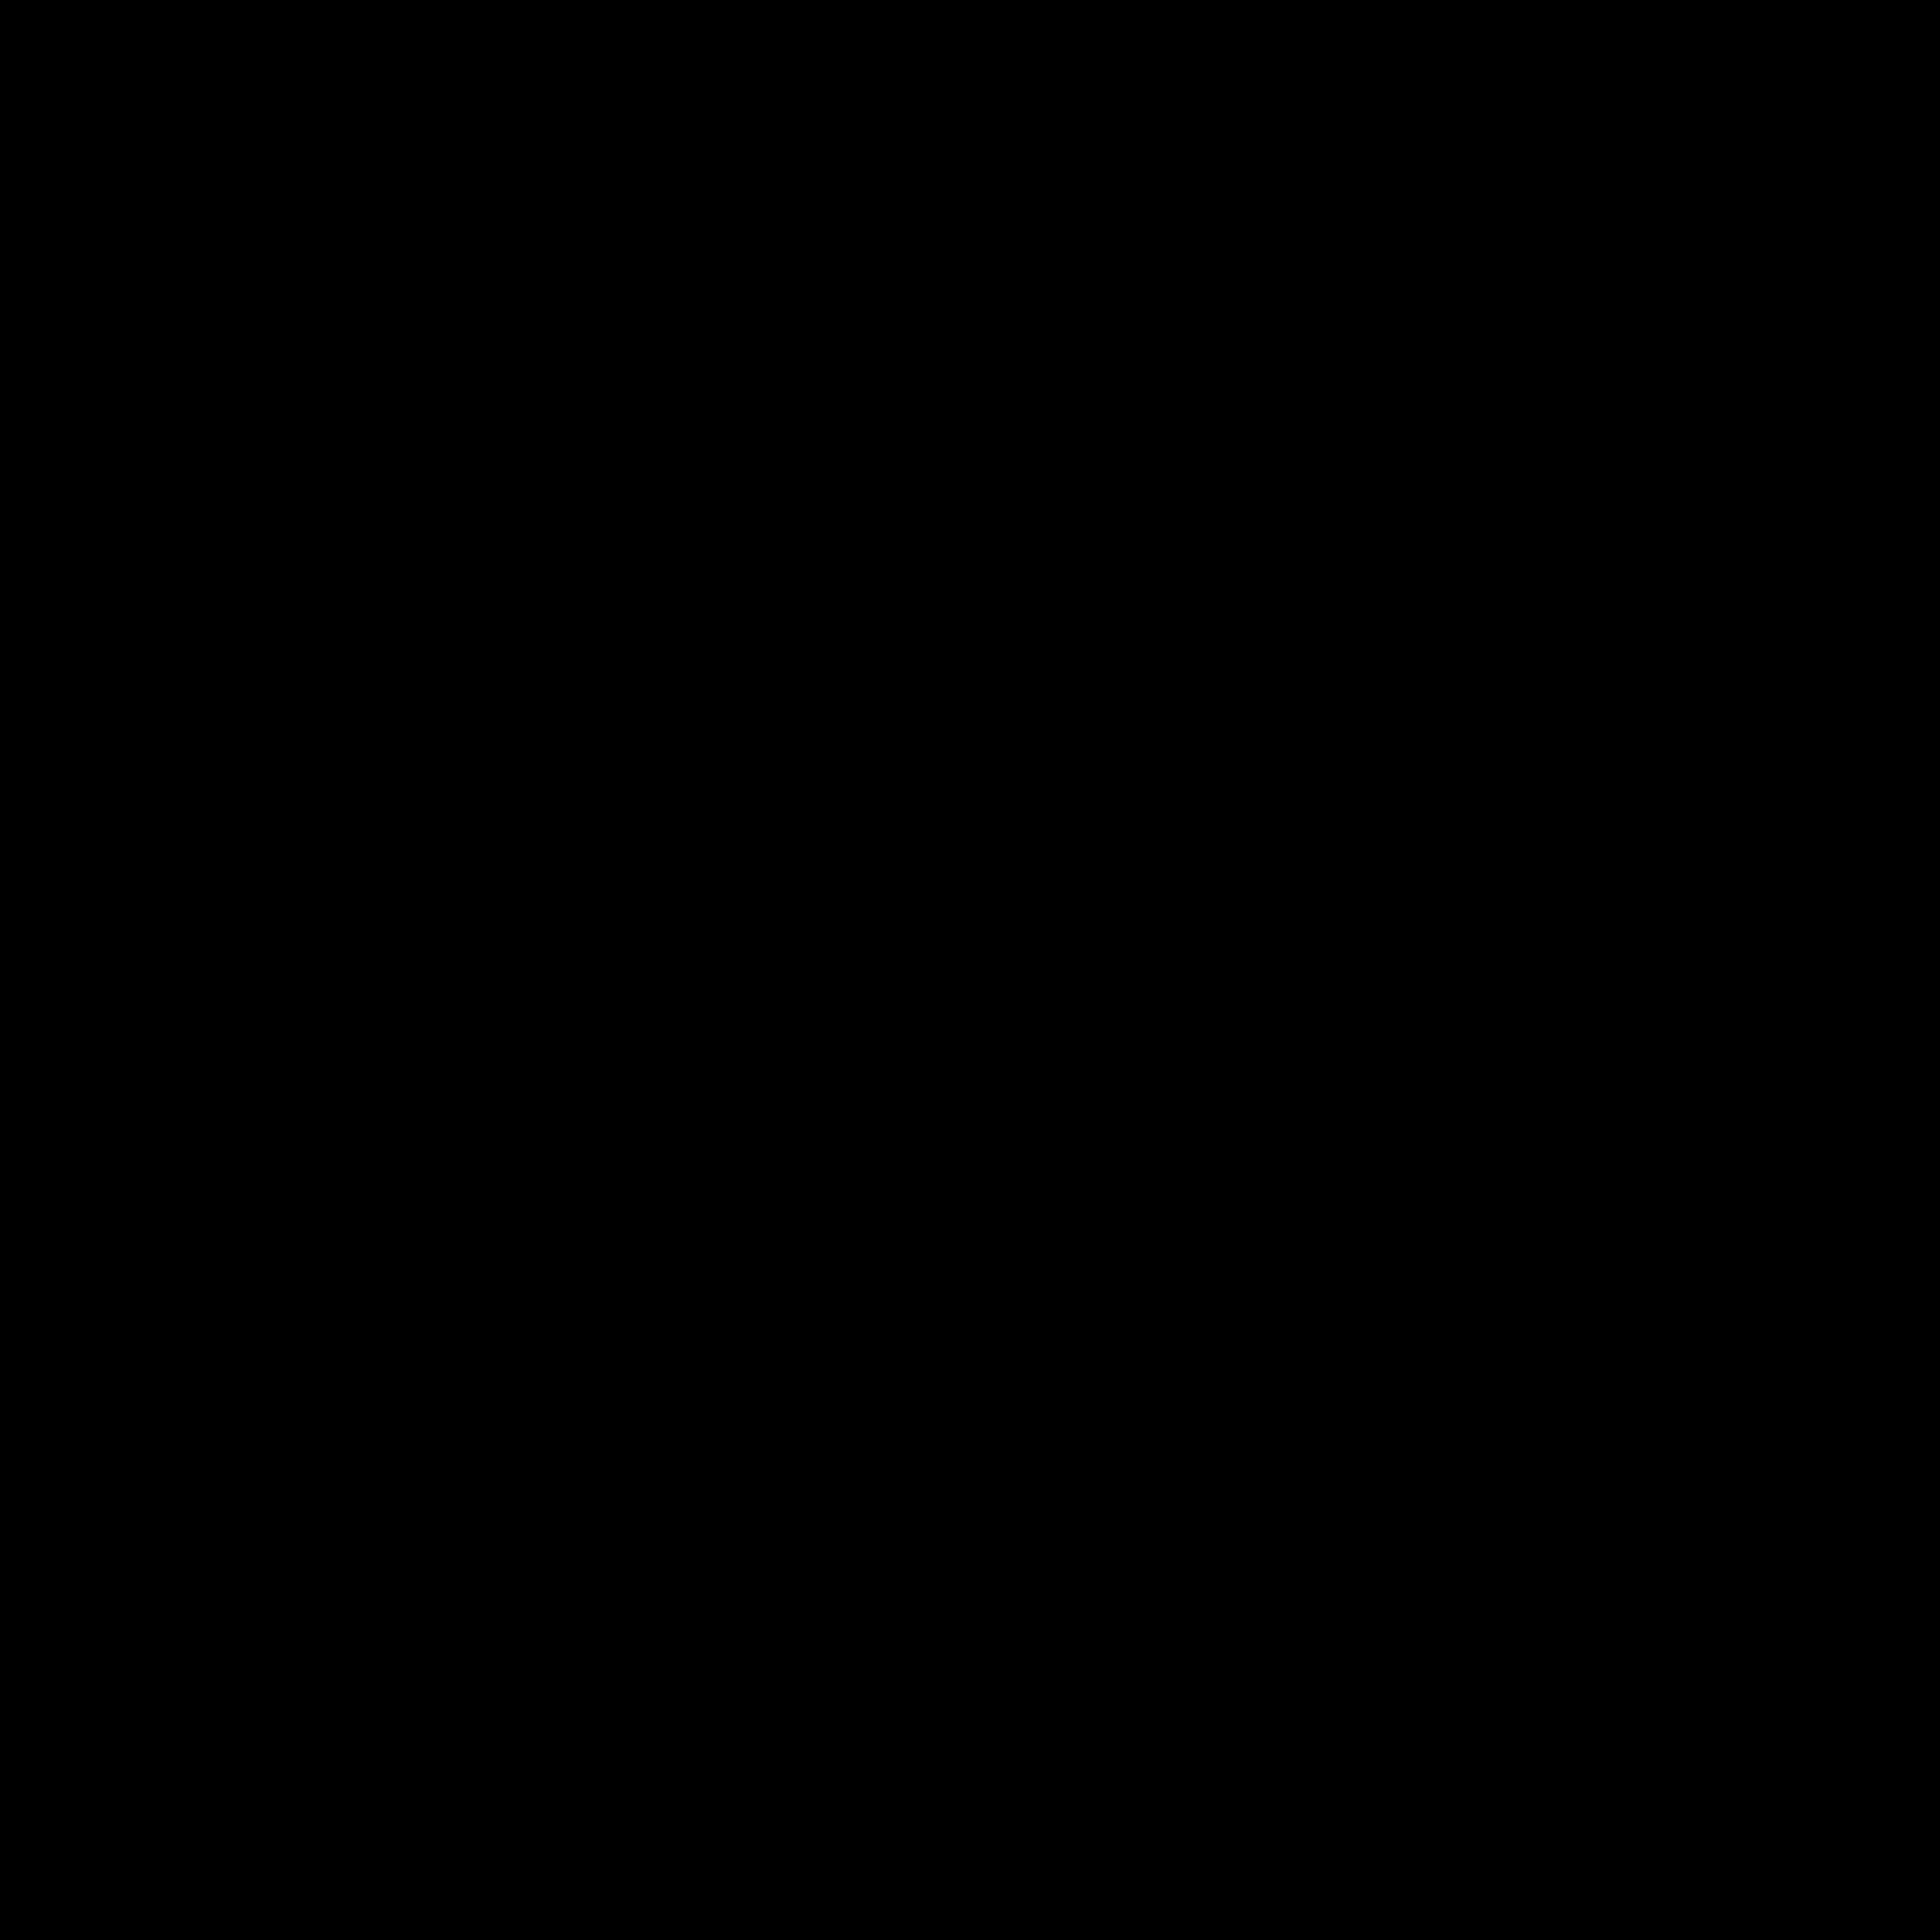 lee-logo-png-17